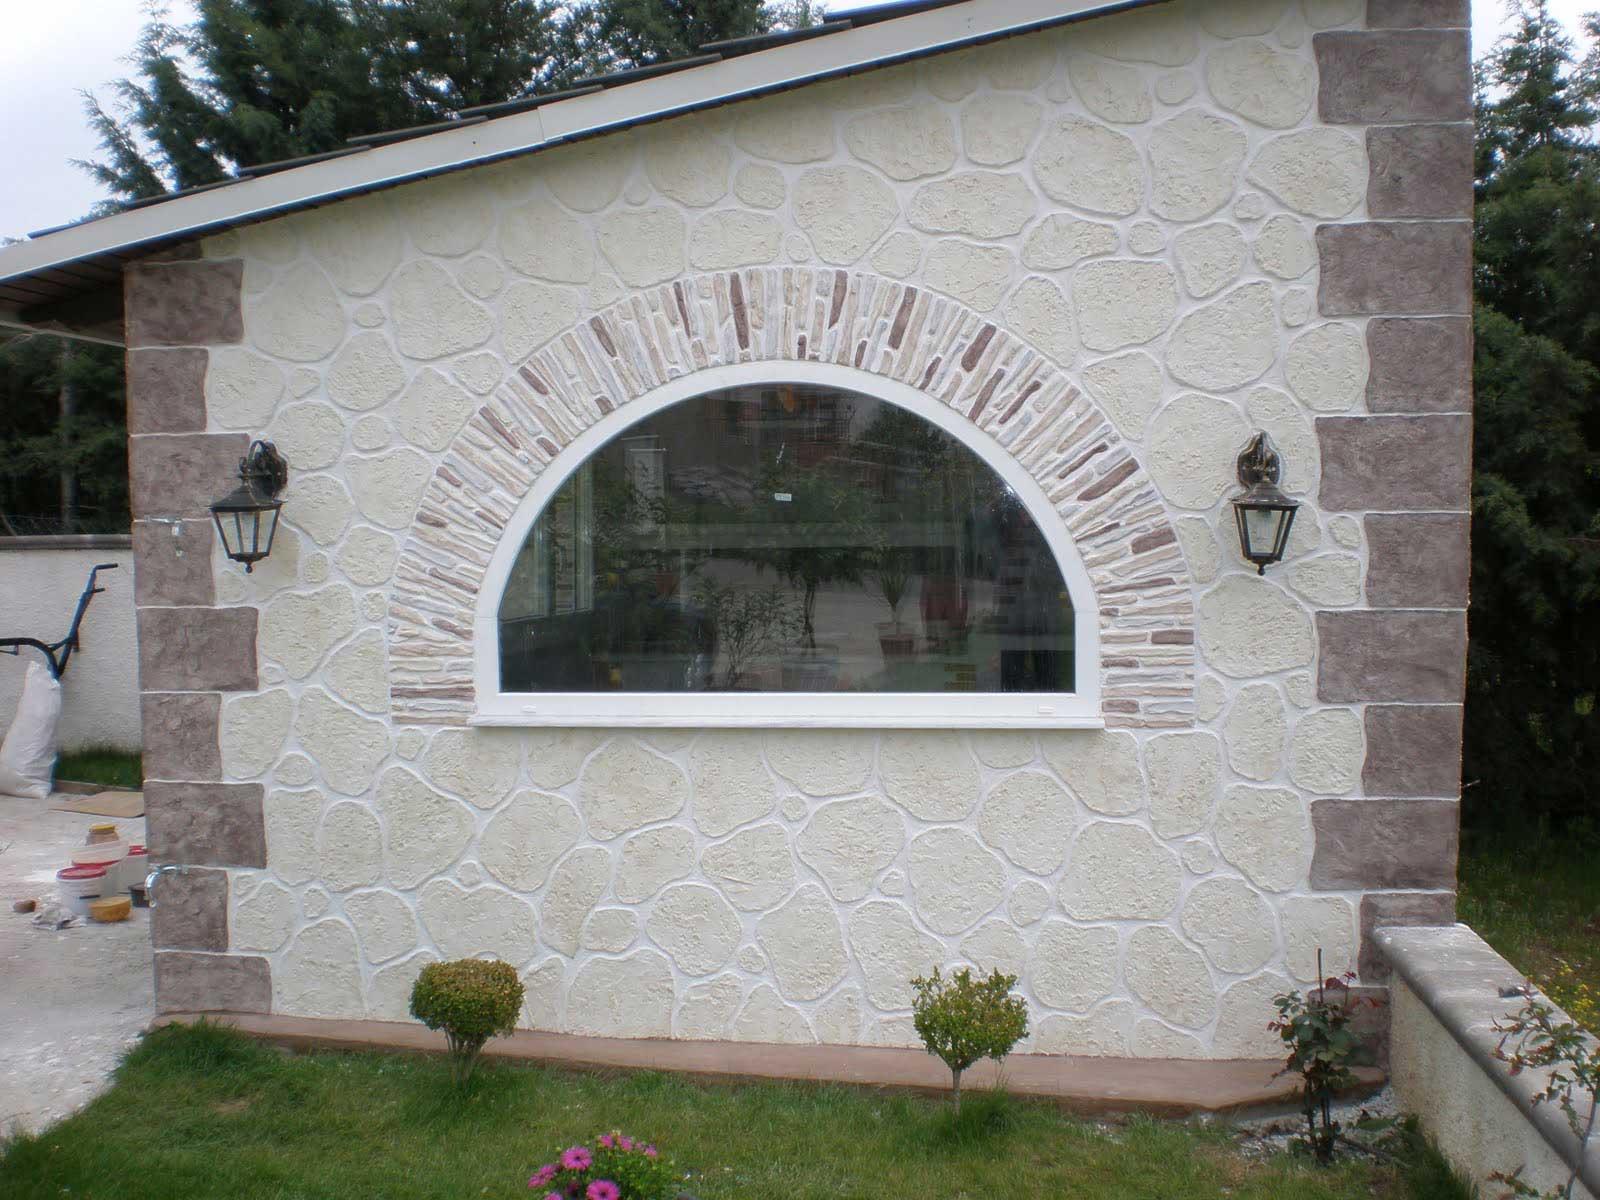 rivestimento per esterno : Immagini rivestimento pietra stampata e pietra ricostruita